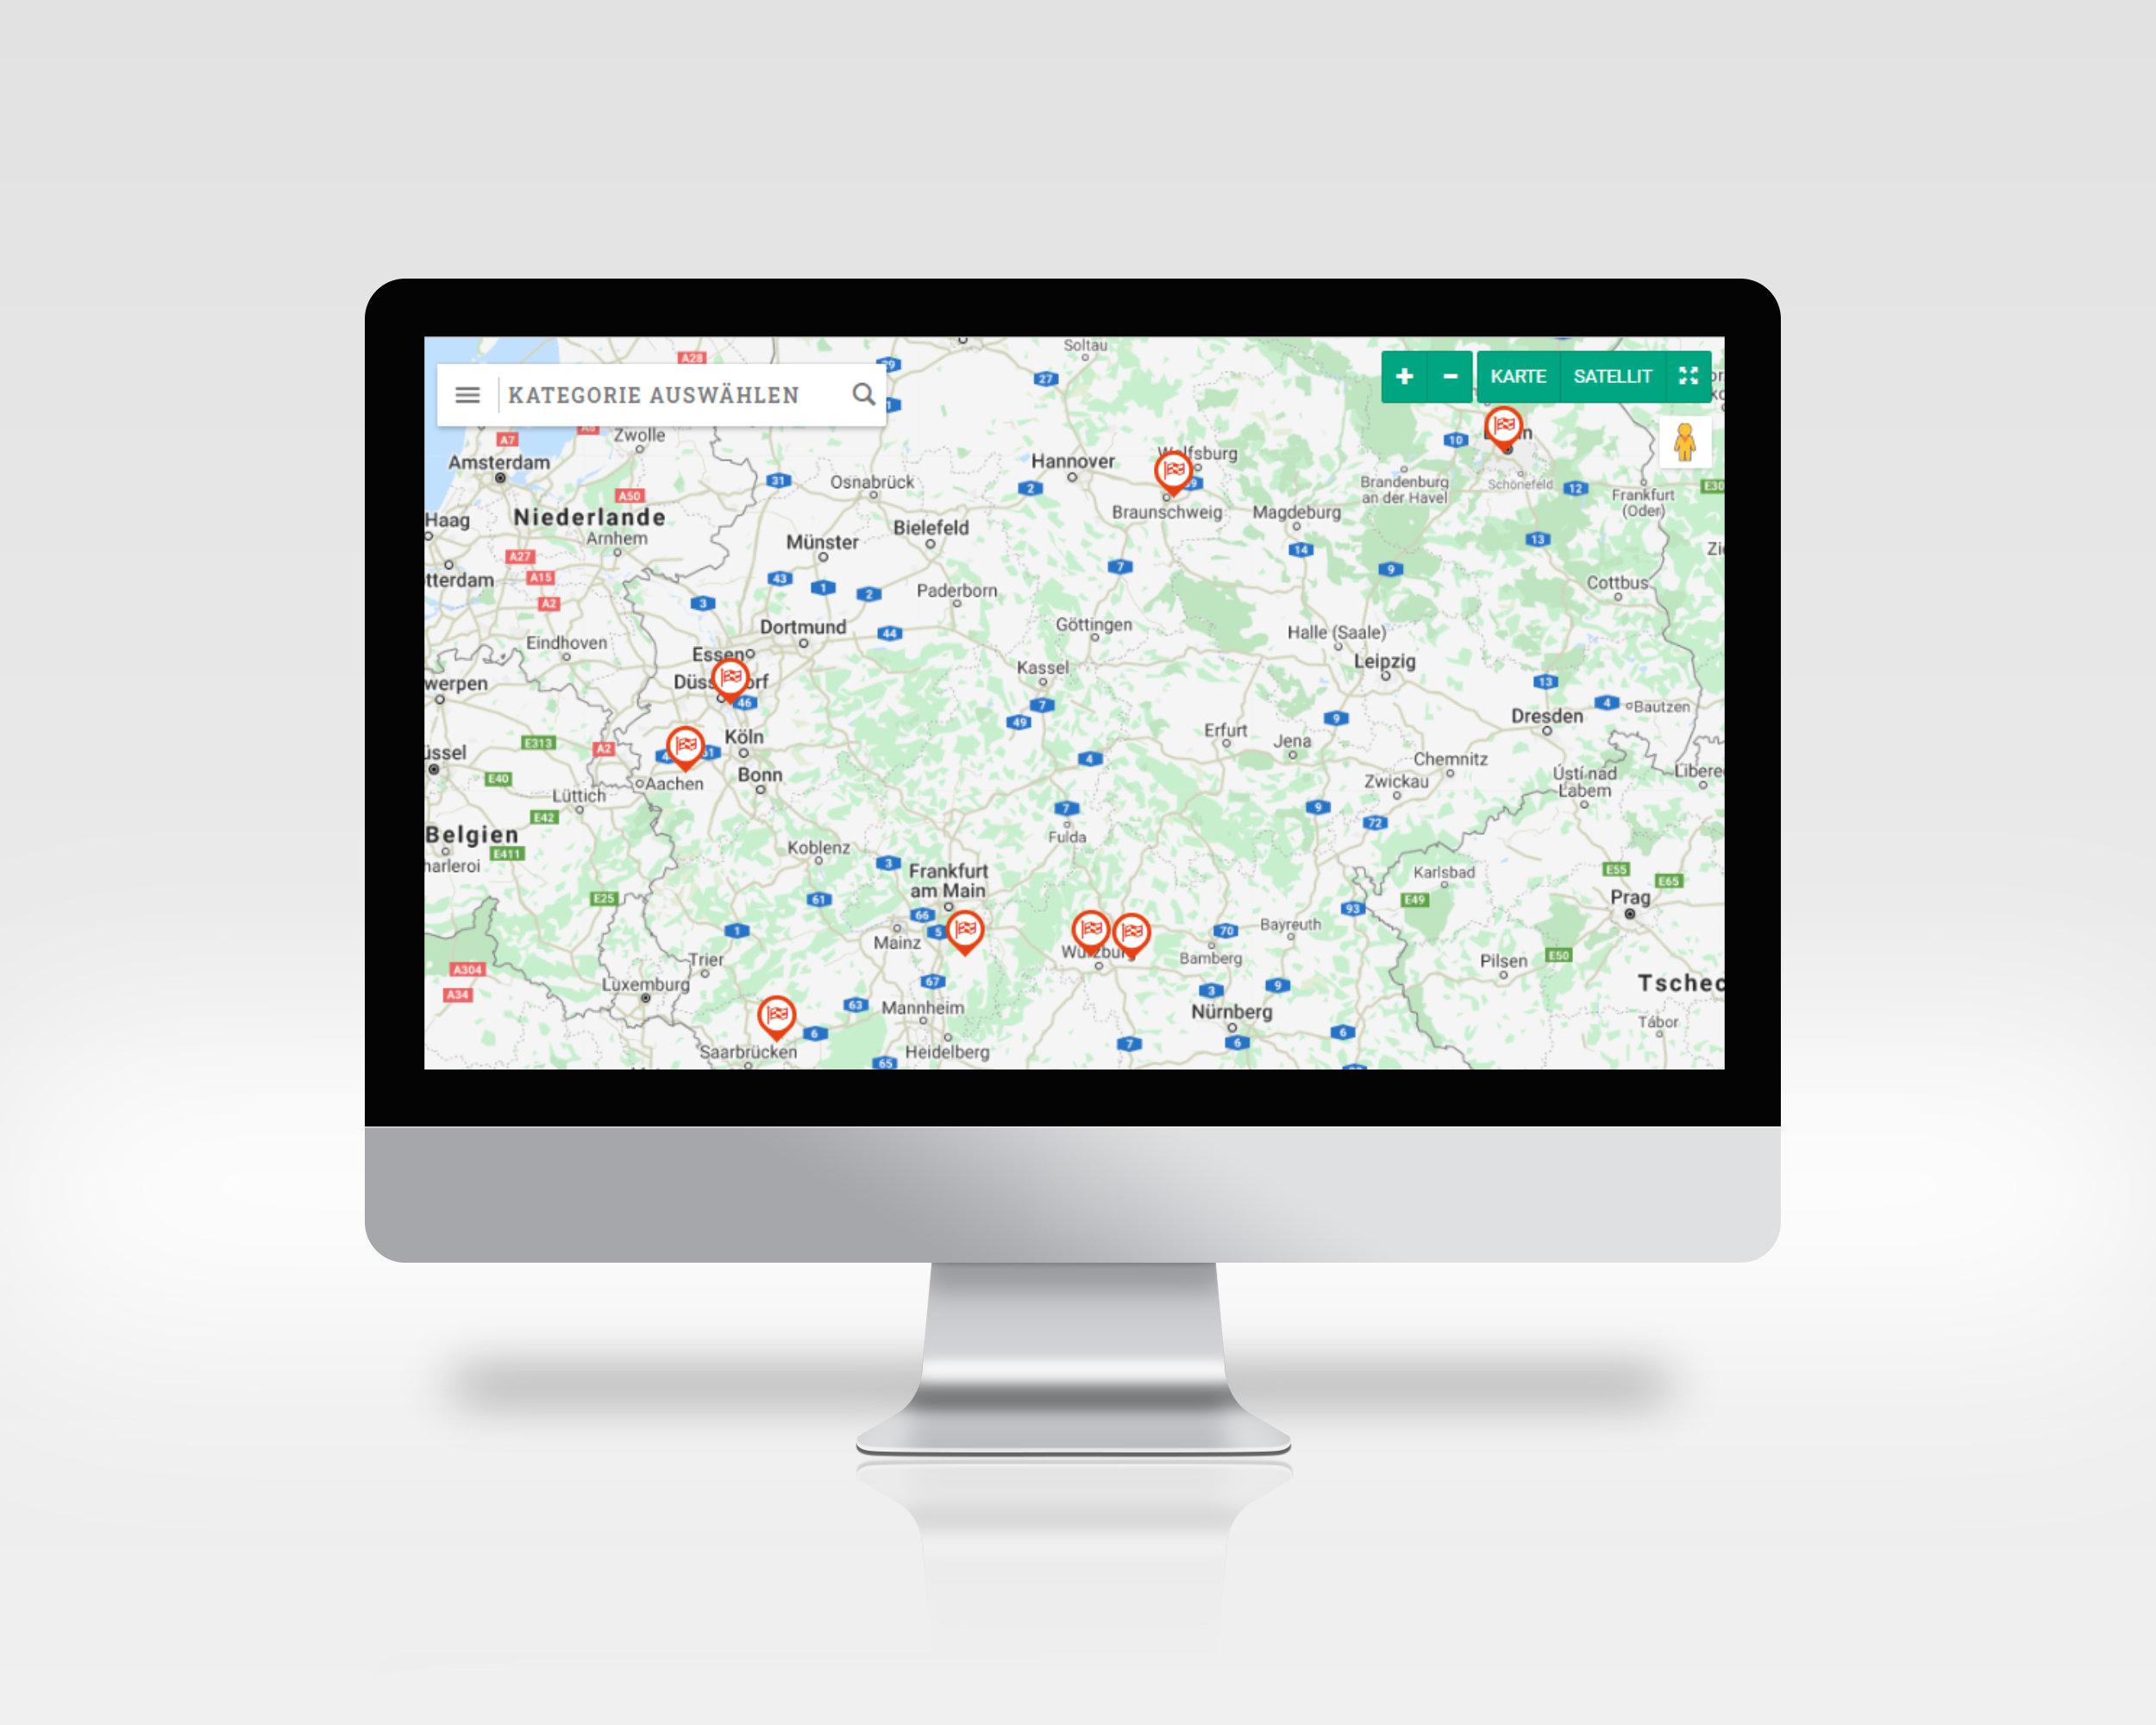 UmDEX, Ökodruckereien auf der Landkarte finden finden